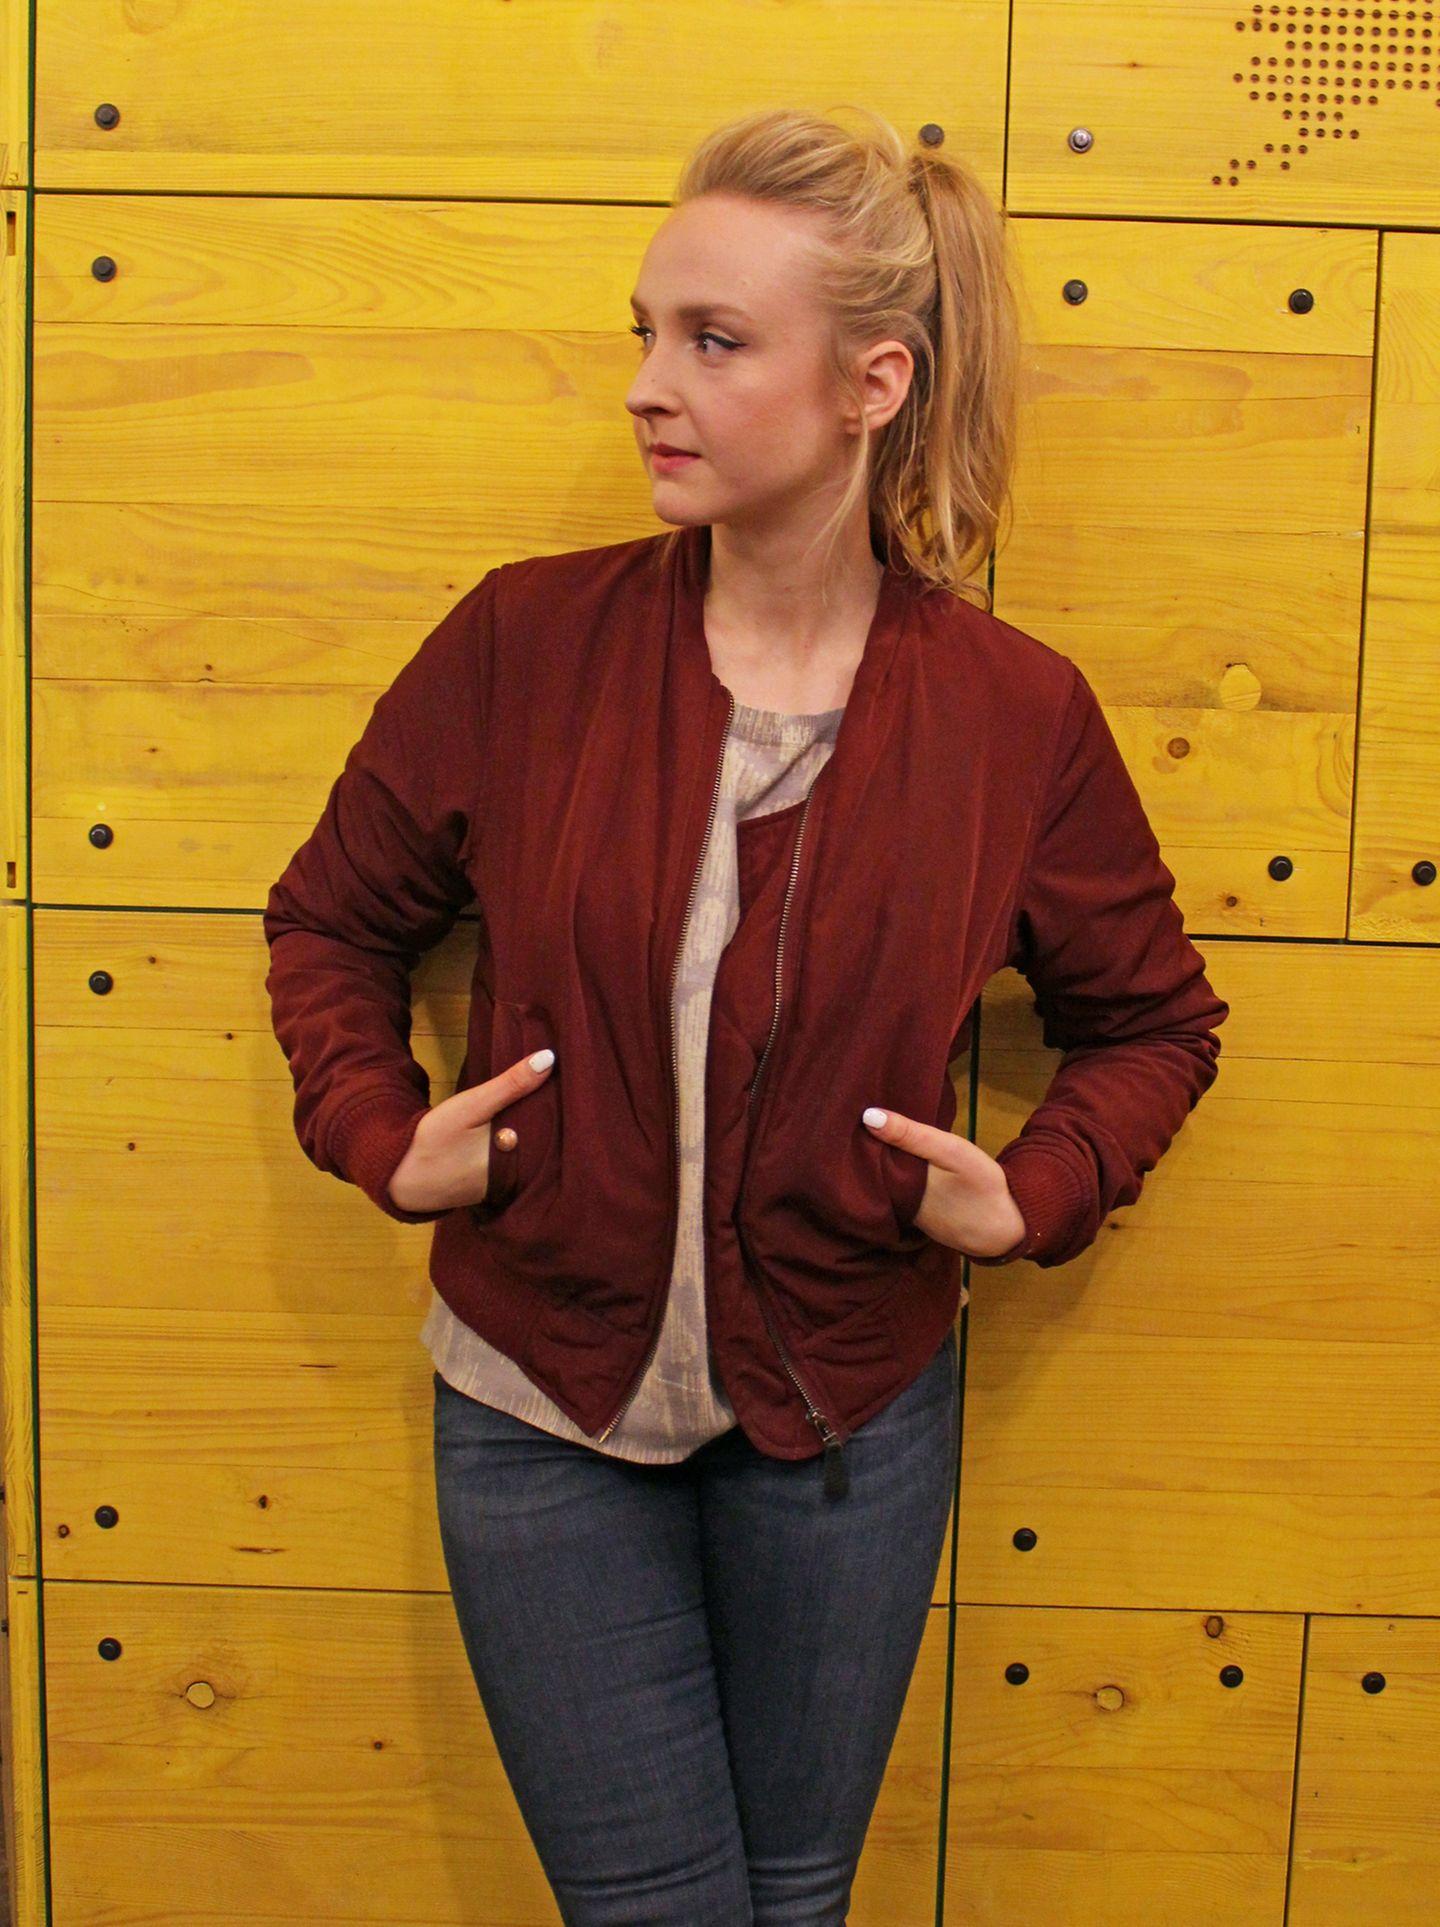 """Leslies Lieblingslook: Bomberjacke und Jeans (H&M). """"Die meisten meiner Jacken sind tatsächlich selbstgenäht, andere Secondhand"""", sagt sie. Grundsätzlich sei sie """"nicht so markenspezifisch"""", sie kaufe einfach, was ihr gefalle - und auch nicht besonders viel. """"Ich finde, Mode sollte nachhaltig sein und auf Recycling setzen. Ich find's toll, dass sich da gerade so viel tut. Ich stehe auf Langlebigkeit, im Leben wie in der Mode."""""""